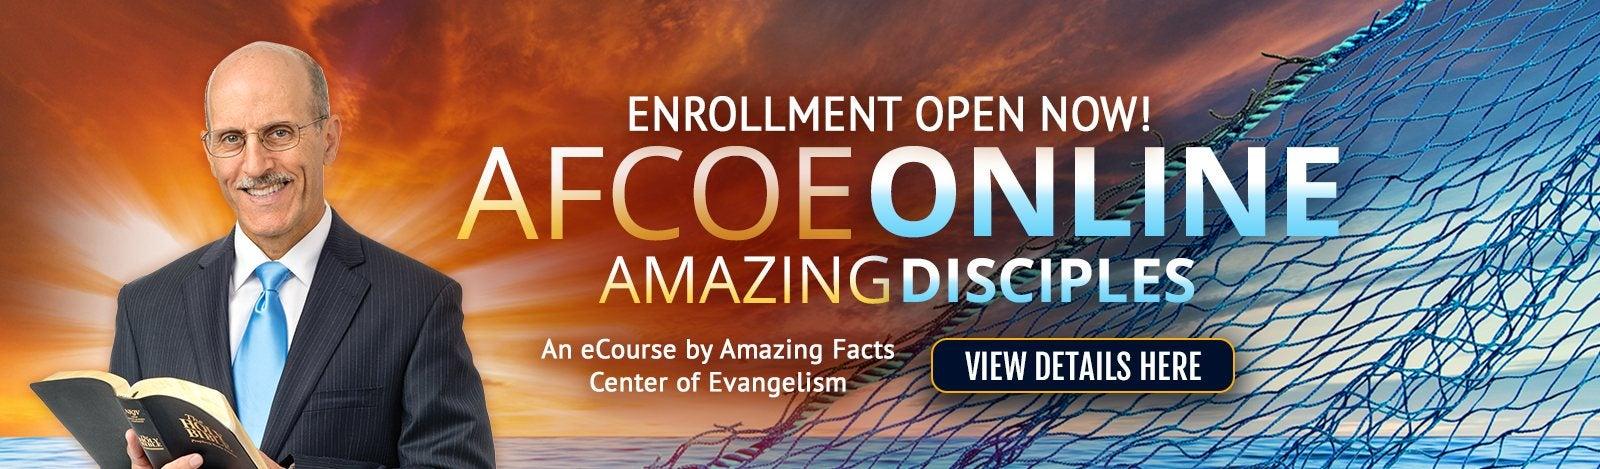 AFCOE Online Open Enrollment